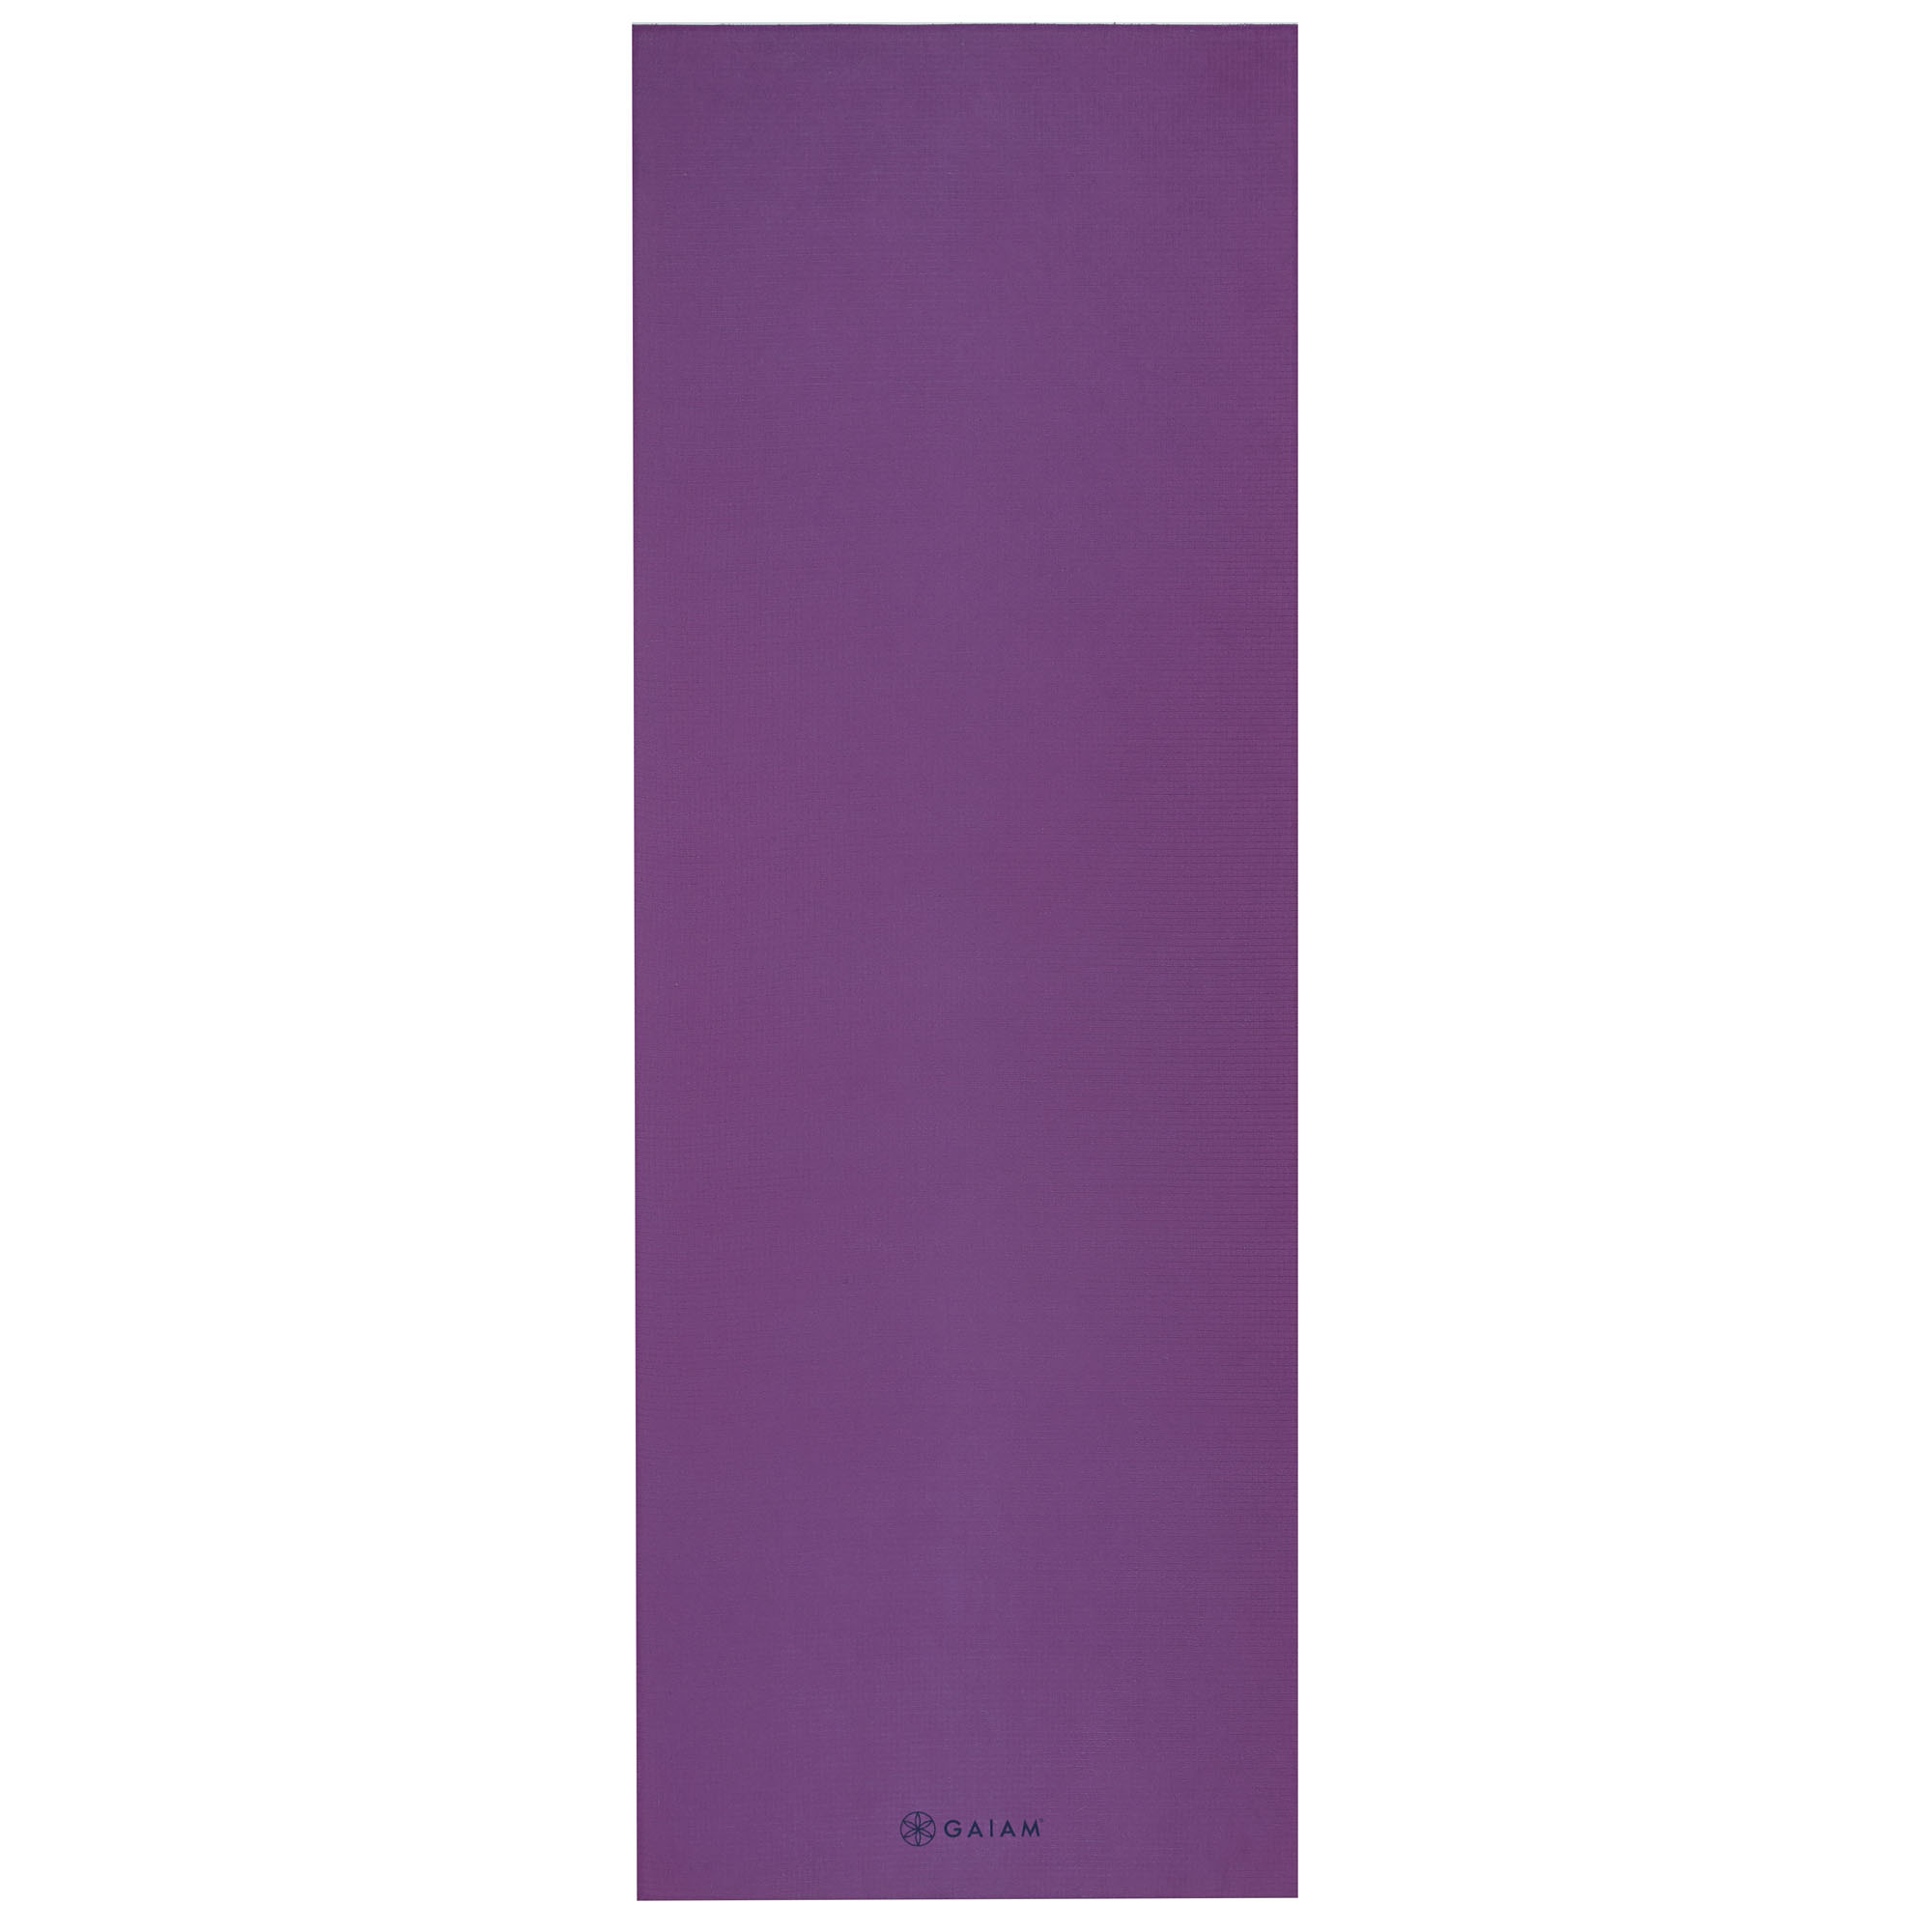 Gaiam No-Slip Yoga Håndklæde Grape/Blue